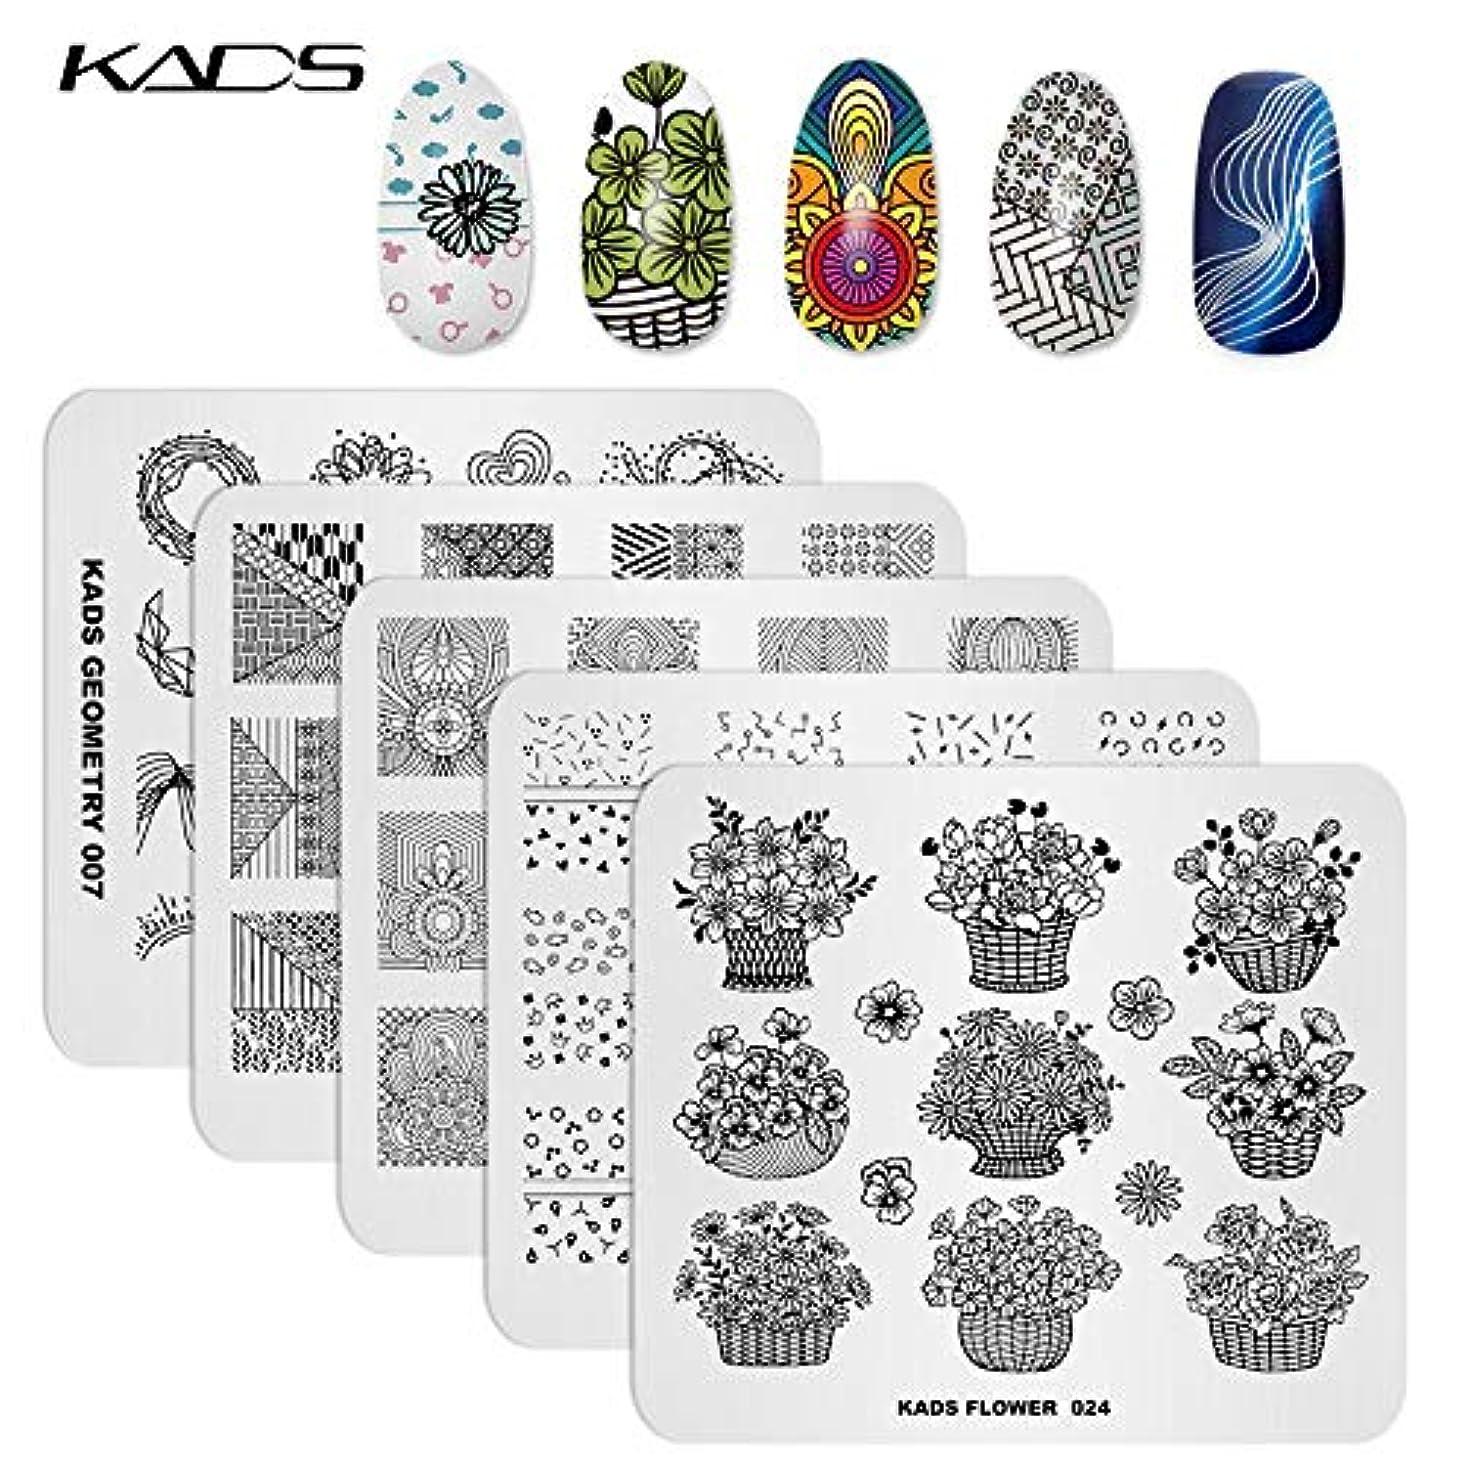 KADS スタンピングプレート5枚セット 美しい花柄 ナチュラルタイプ ネイルステンシル ネイルアートツール ネイルデザイン用品 (セット3)